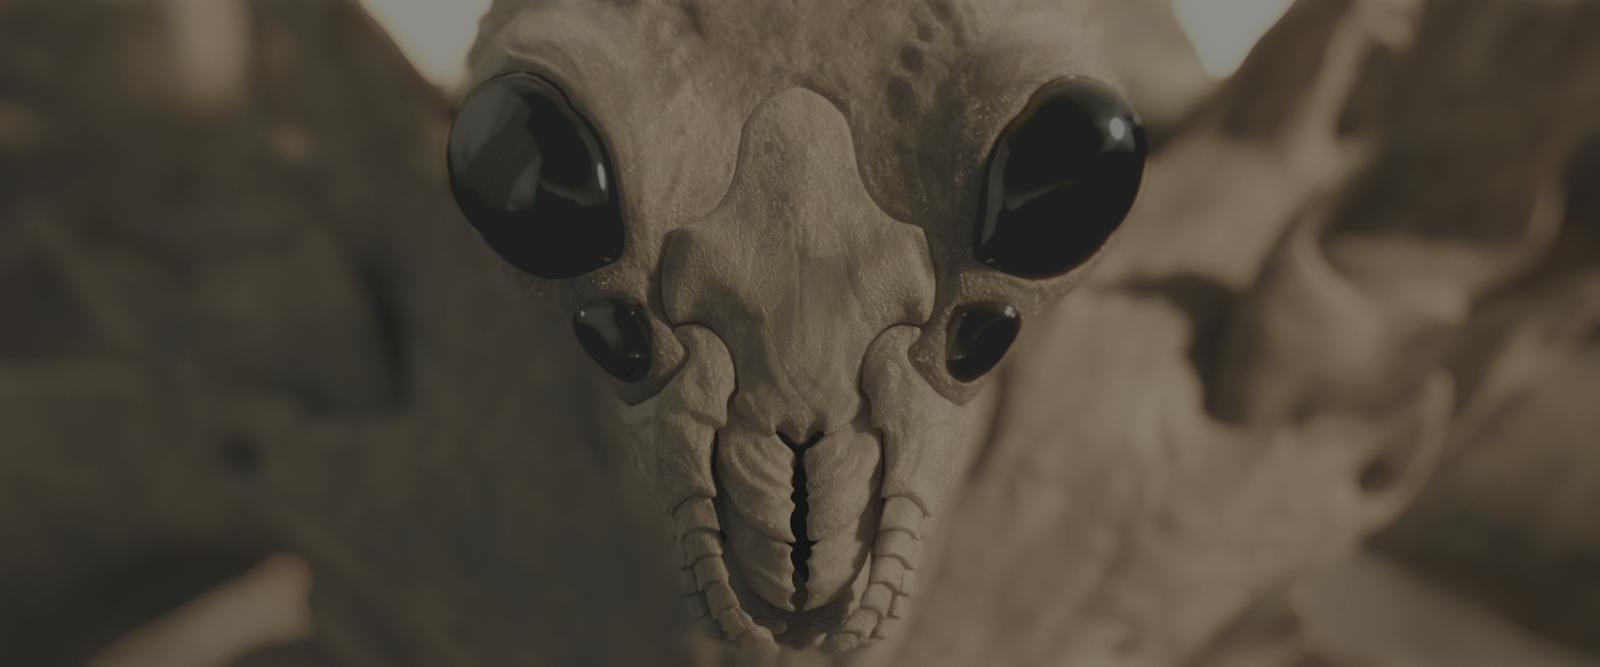 El Juego de Ender (2013) 4K UHD [HDR] Latino-Castellano-Ingles captura 2